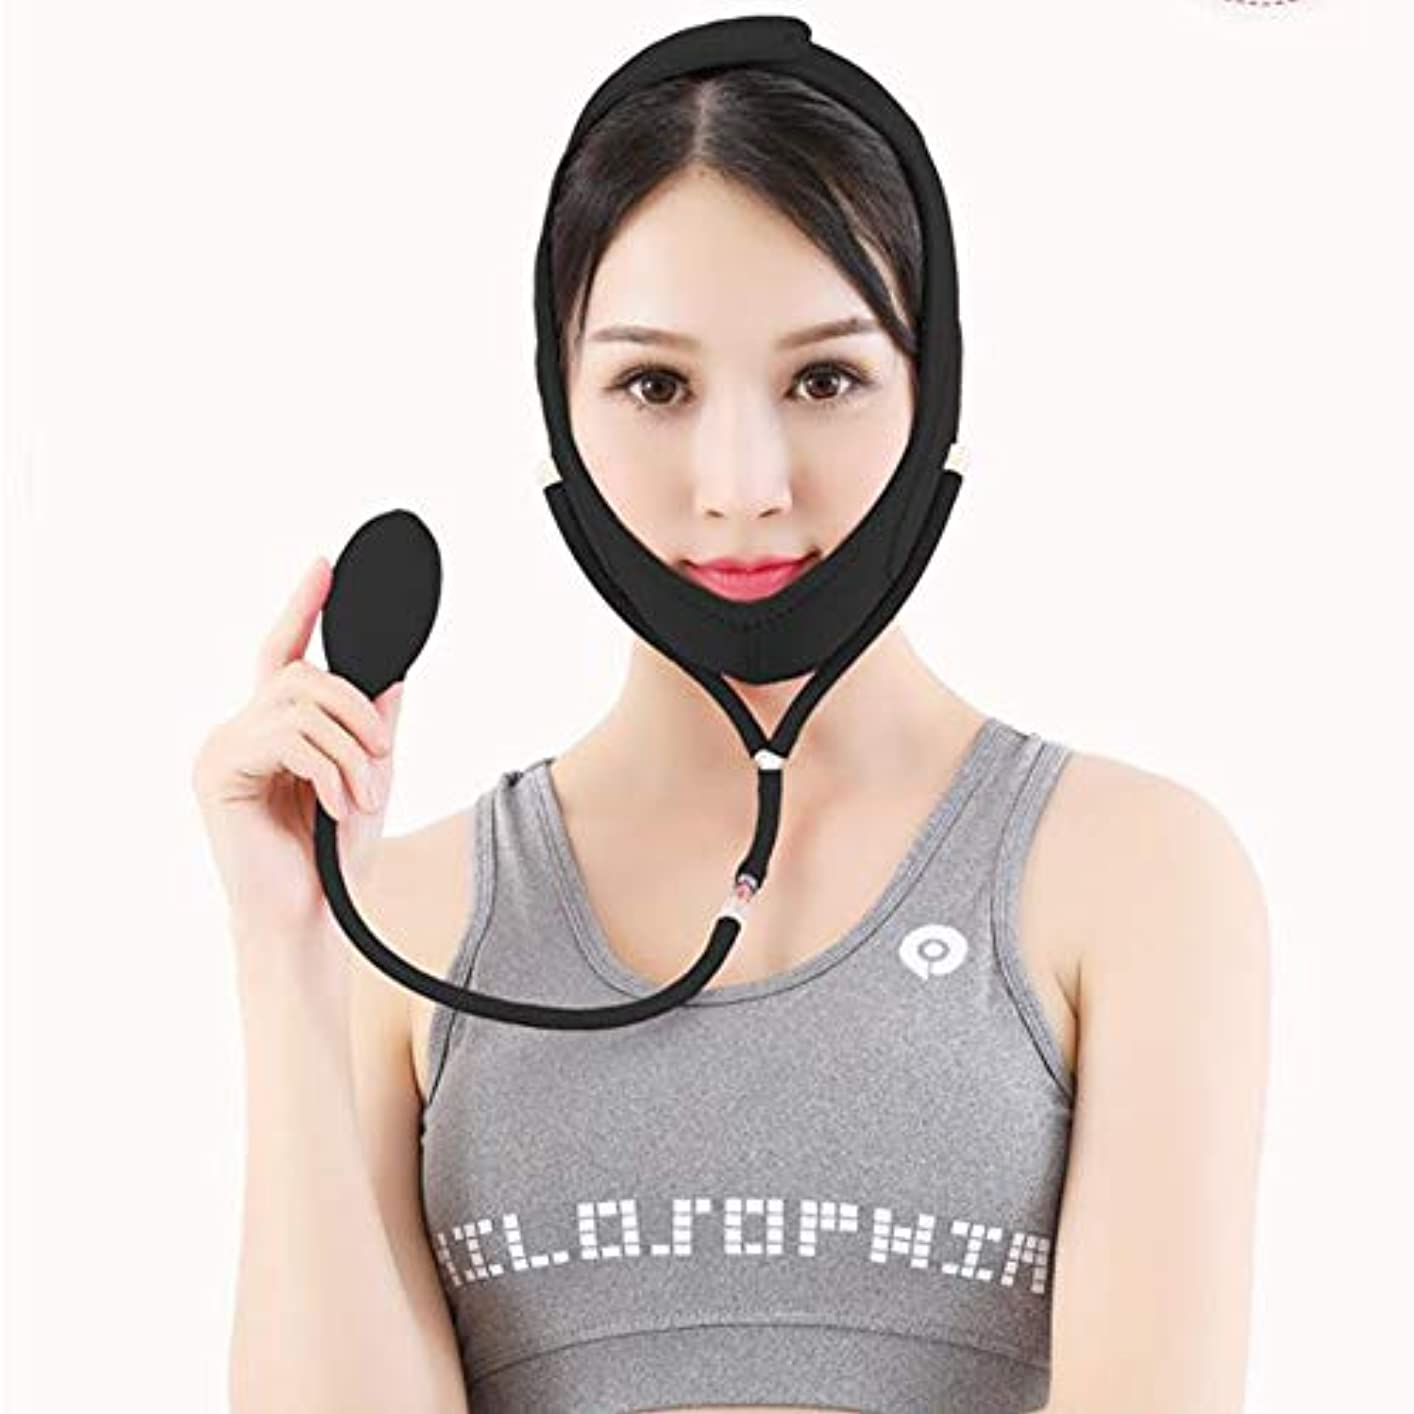 廃棄合図加速するBS フェイシャルリフティング痩身ベルトダブルエアバッグ圧力調整フェイス包帯マスク整形マスクが顔を引き締める フェイスリフティングアーティファクト (Color : Black, Size : M)